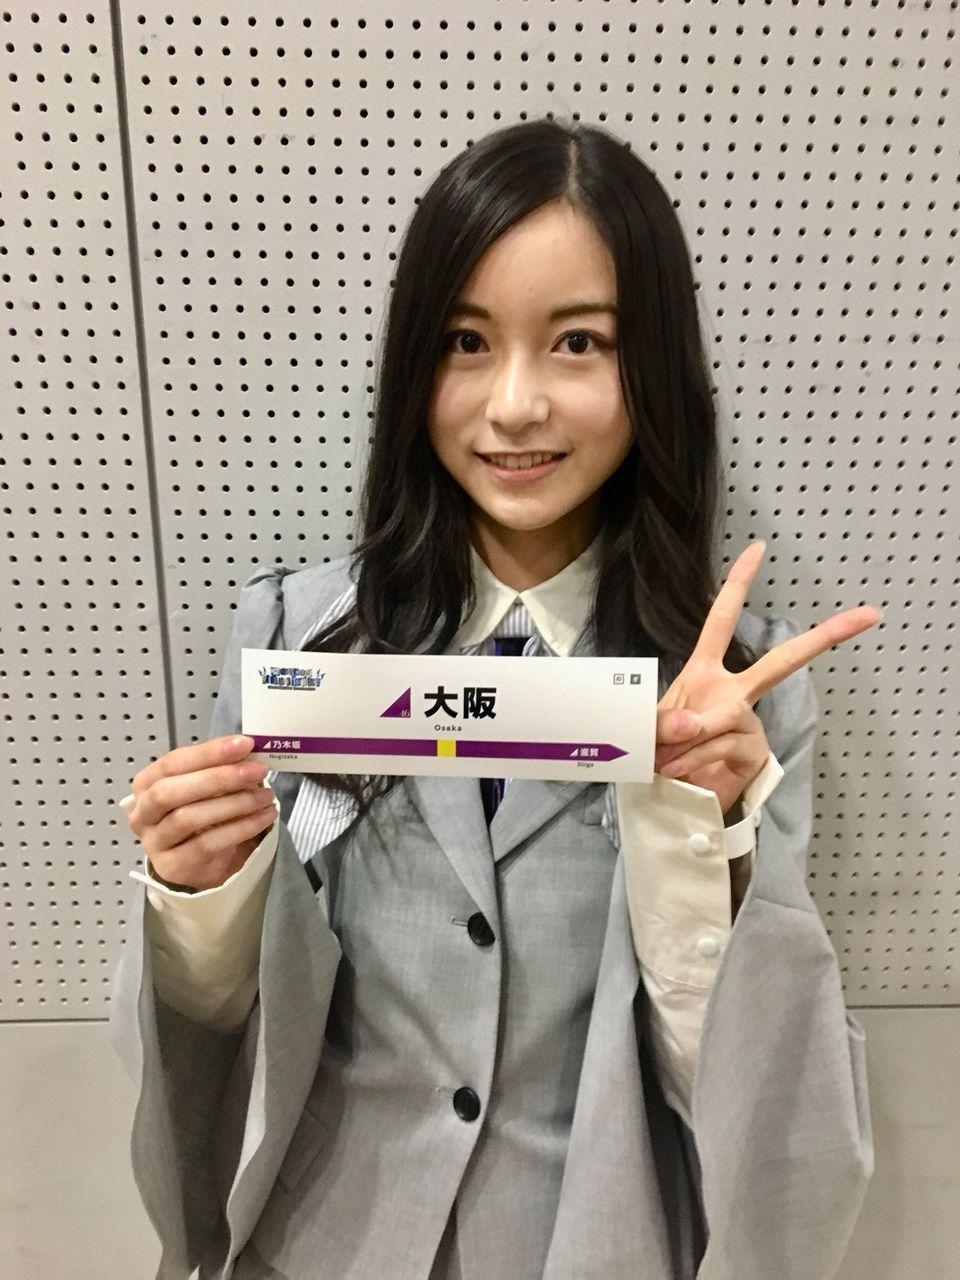 【乃木坂46】最強に美しすぎる・・・佐々木琴子『アンダーライブ@大阪』オフショット画像が公開!